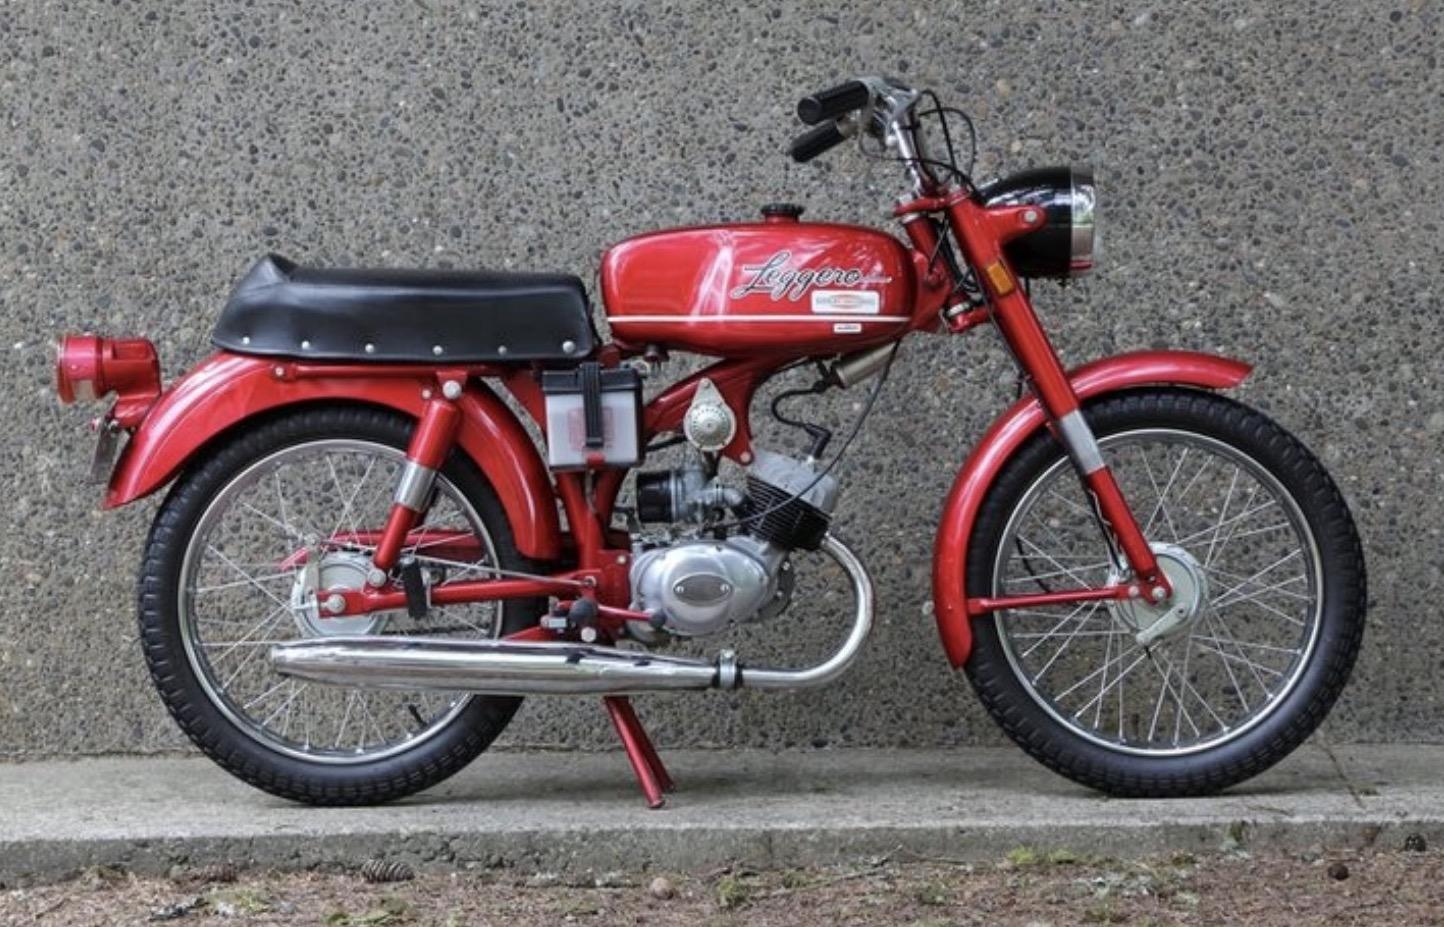 71-M-65 Leggero